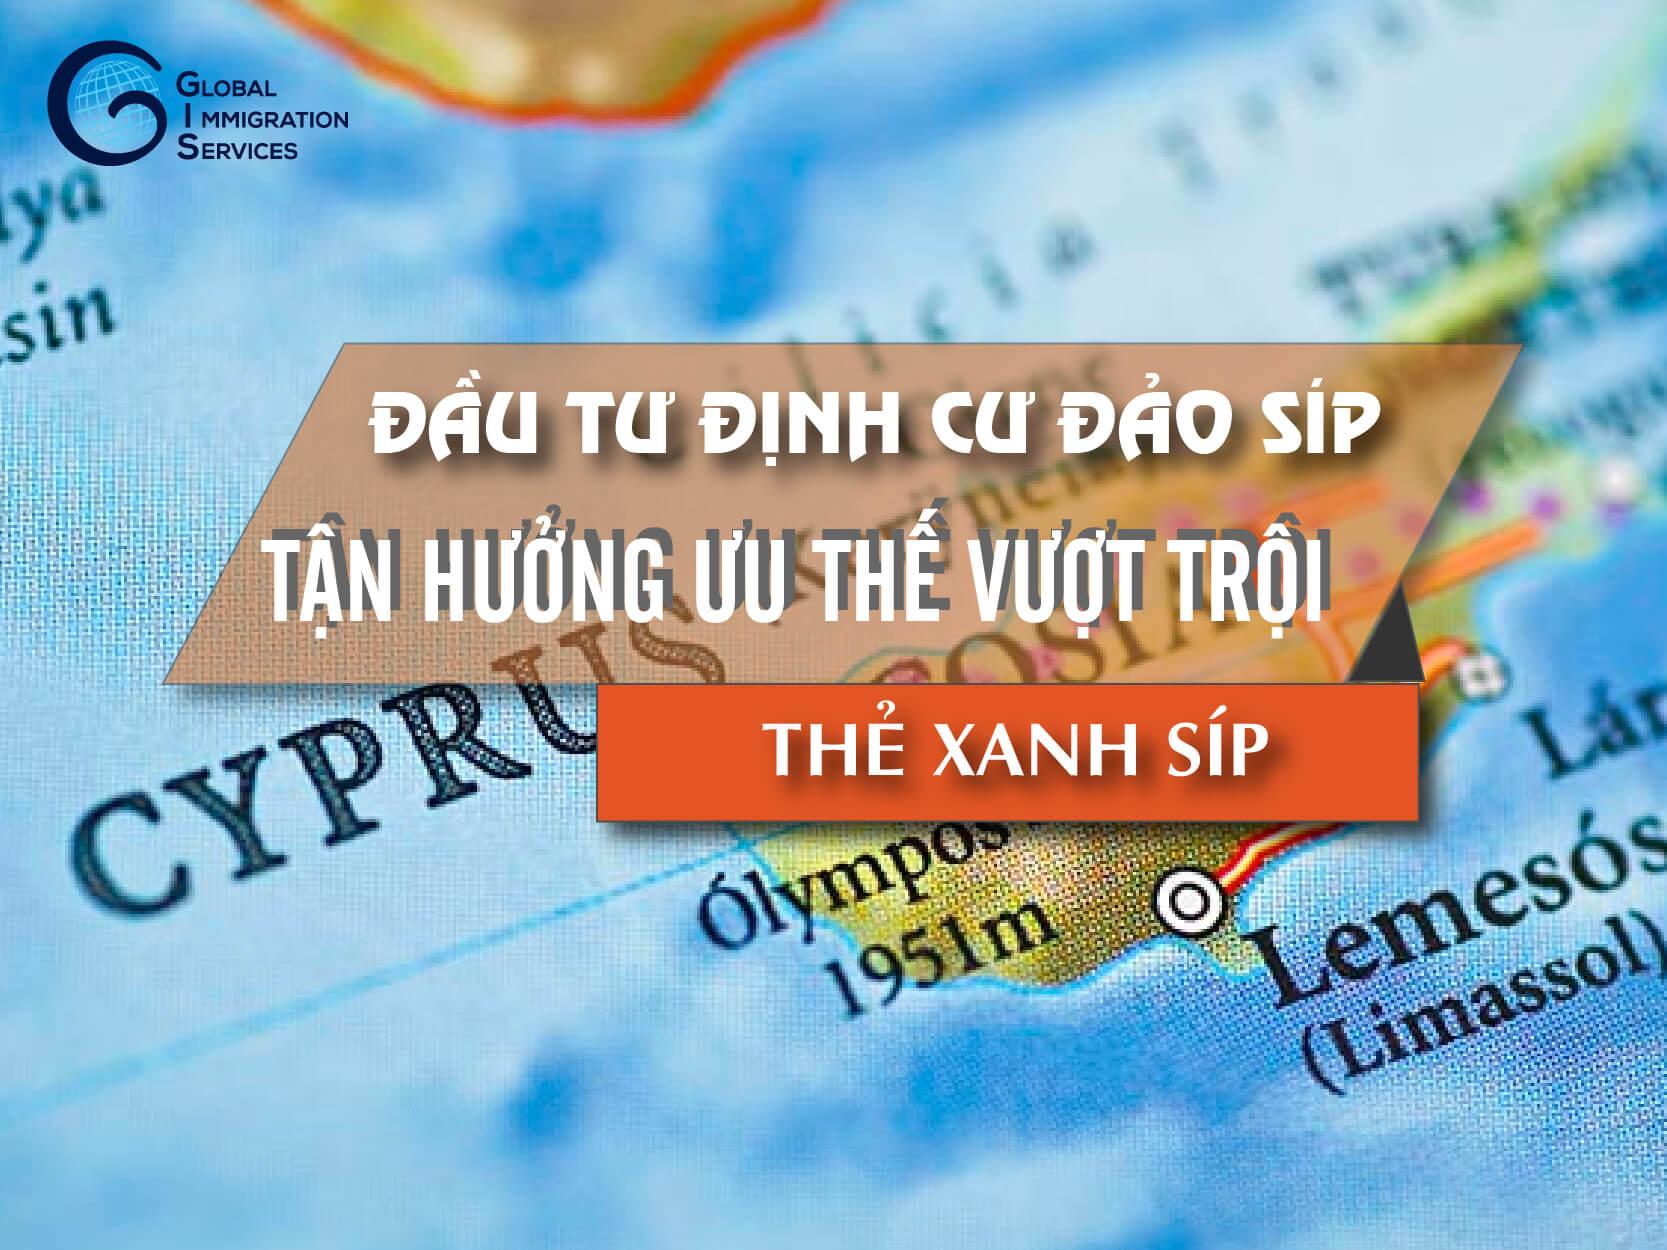 đầu tư định cư đảo Síp